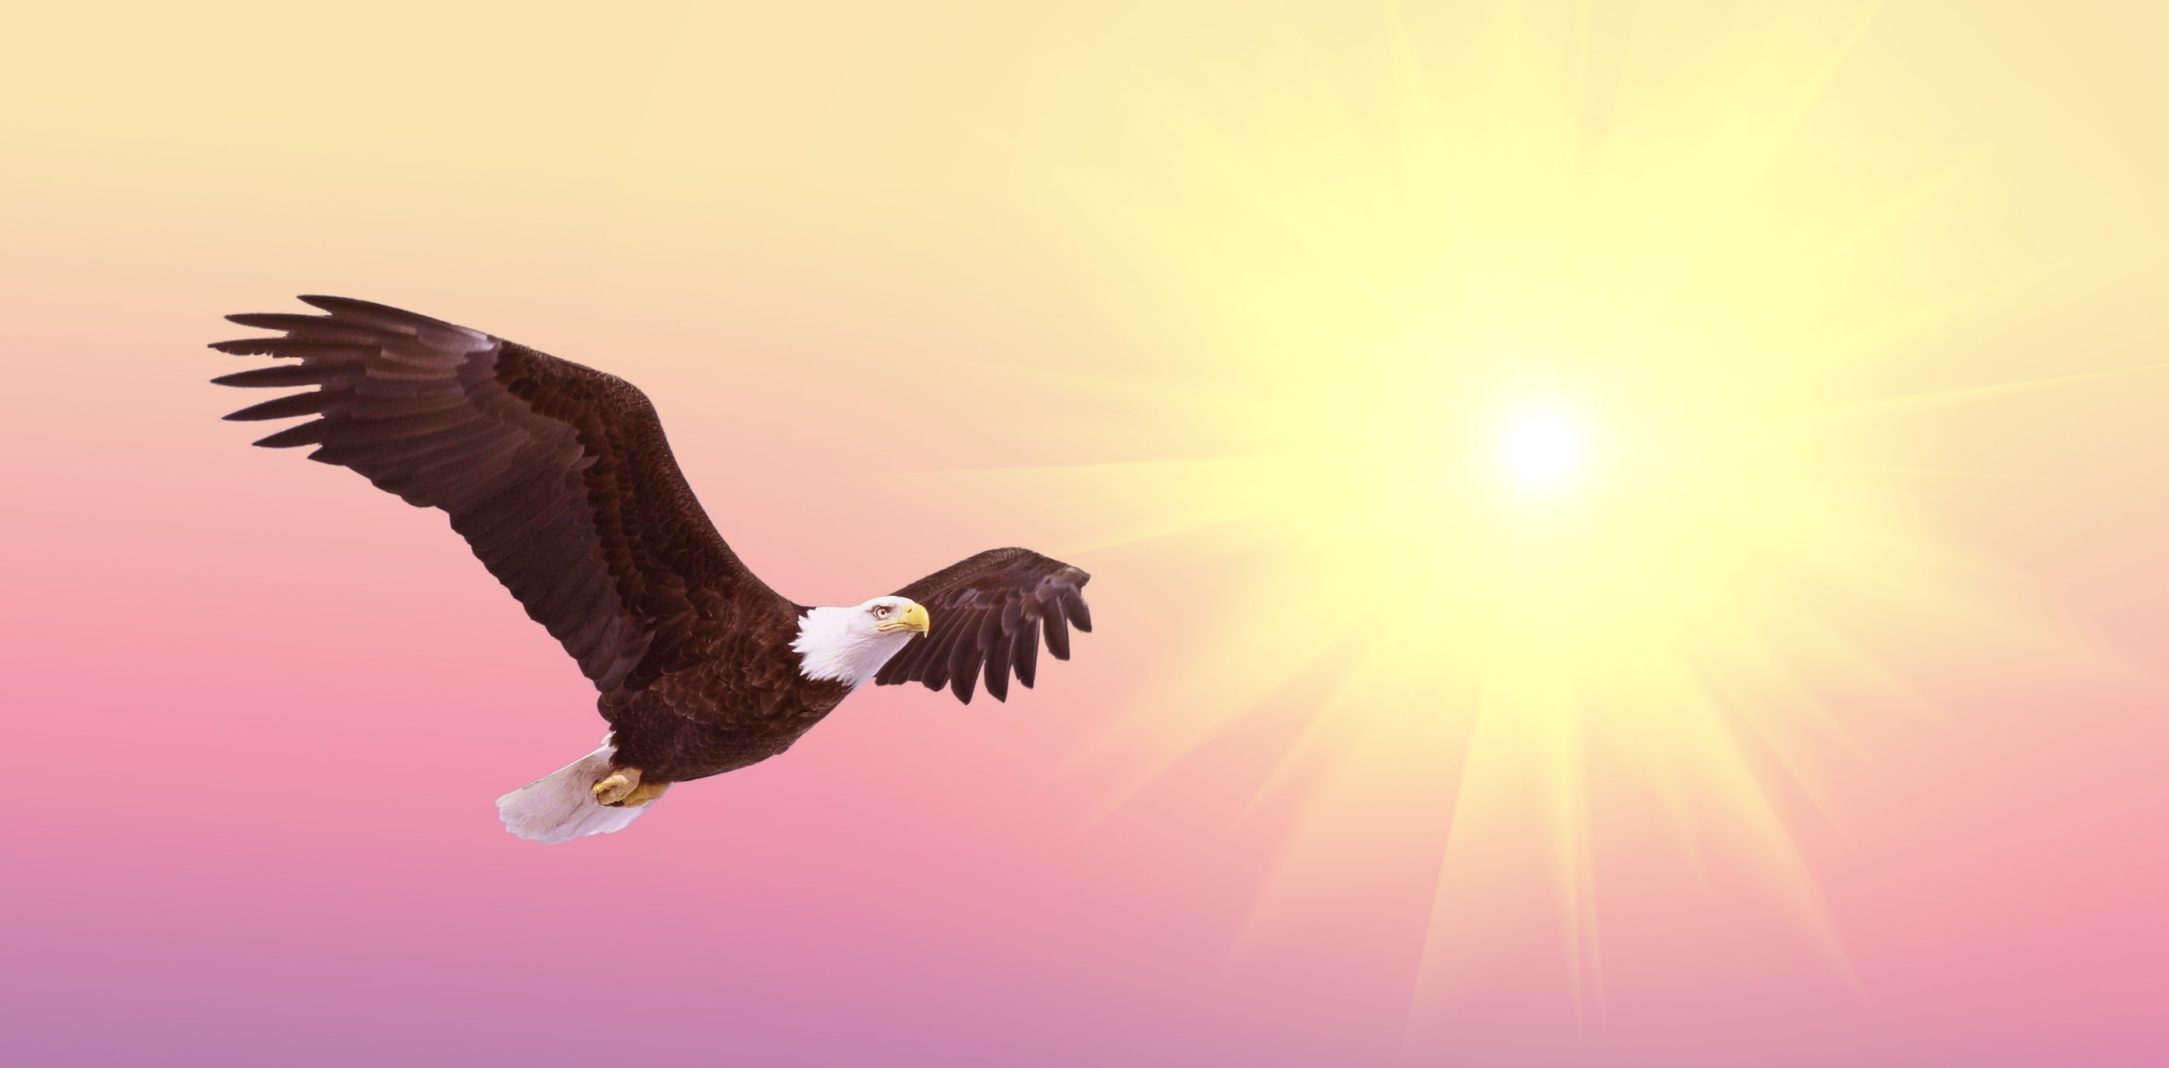 Adler fliegt neben strahlender Sonne als Symbol für das Hinauswachsen über sich selbst im Motto